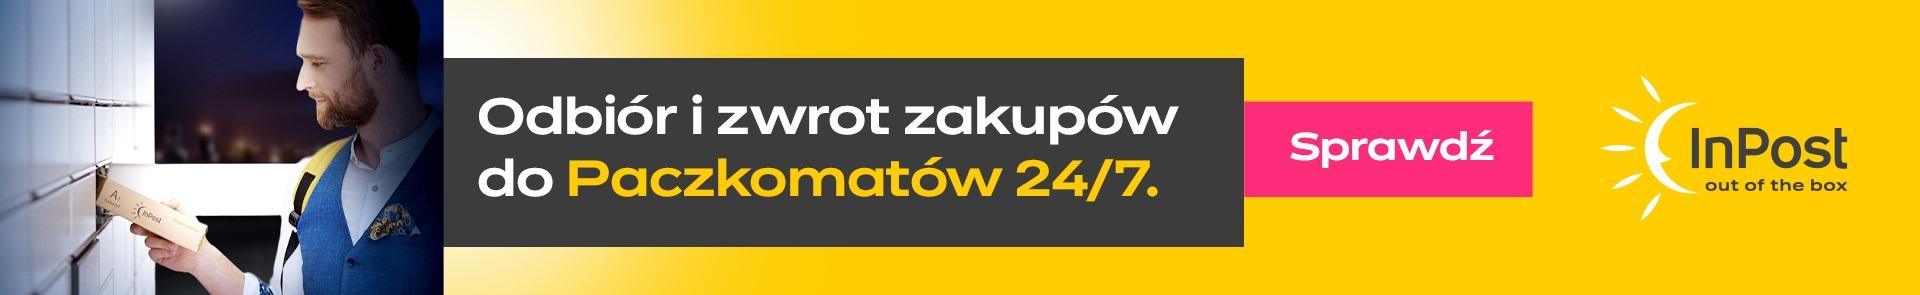 Bezpieczna wysyłka do Polski i zagranicę, błyskawiczny czas realizacji to wszystko w Alarm-Service